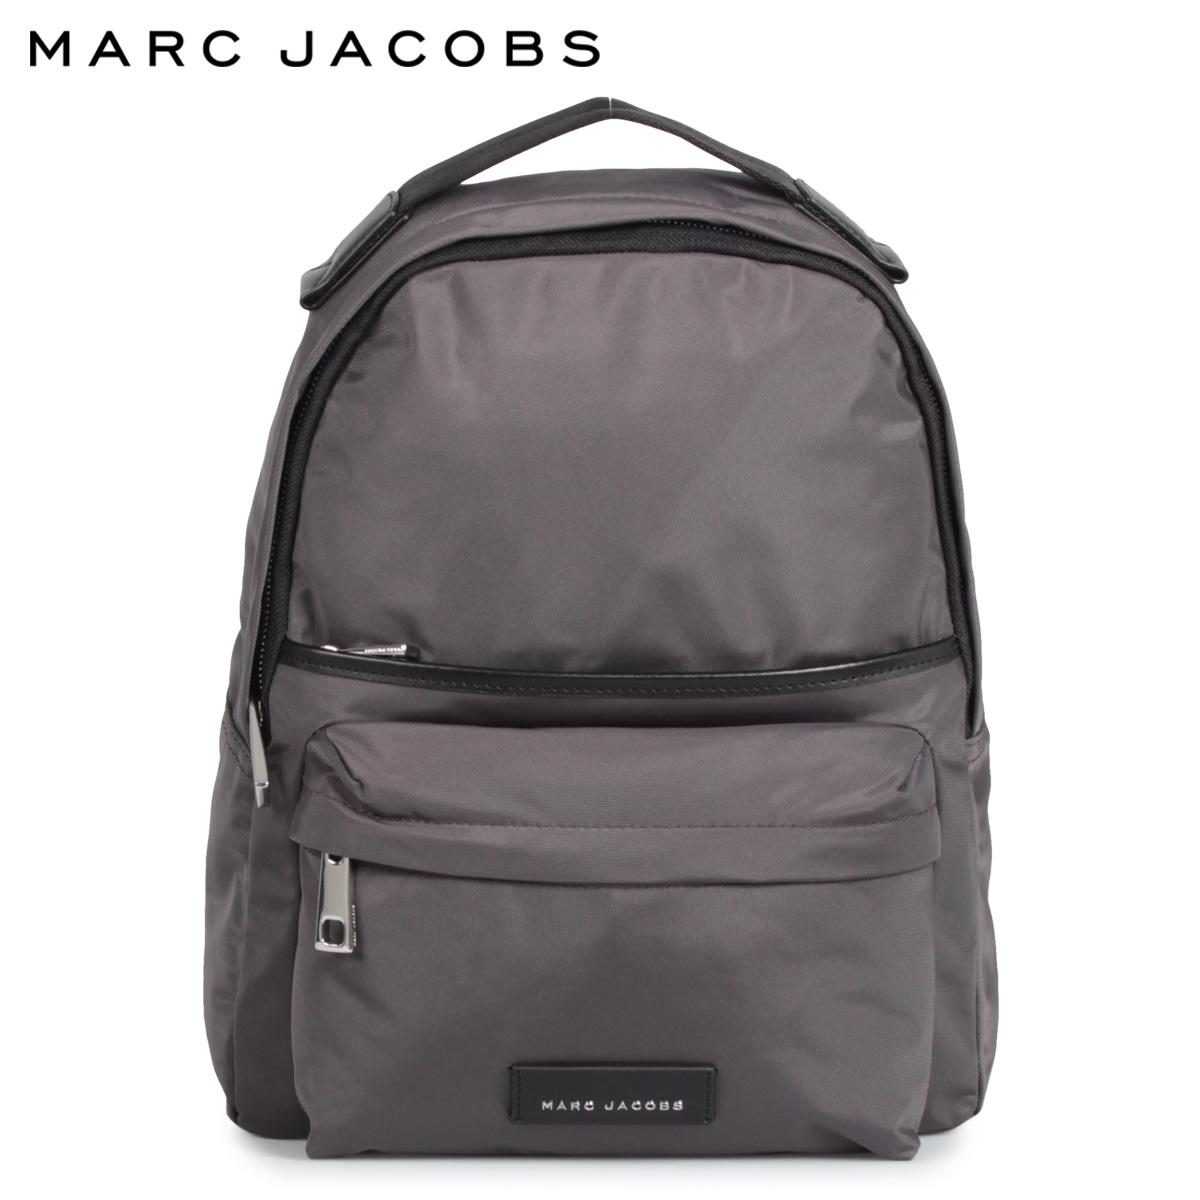 MARC JACOBS マークジェイコブス リュック バッグ バッグパック メンズ レディース LARGE NYLON BACKPACK グレー M0013946